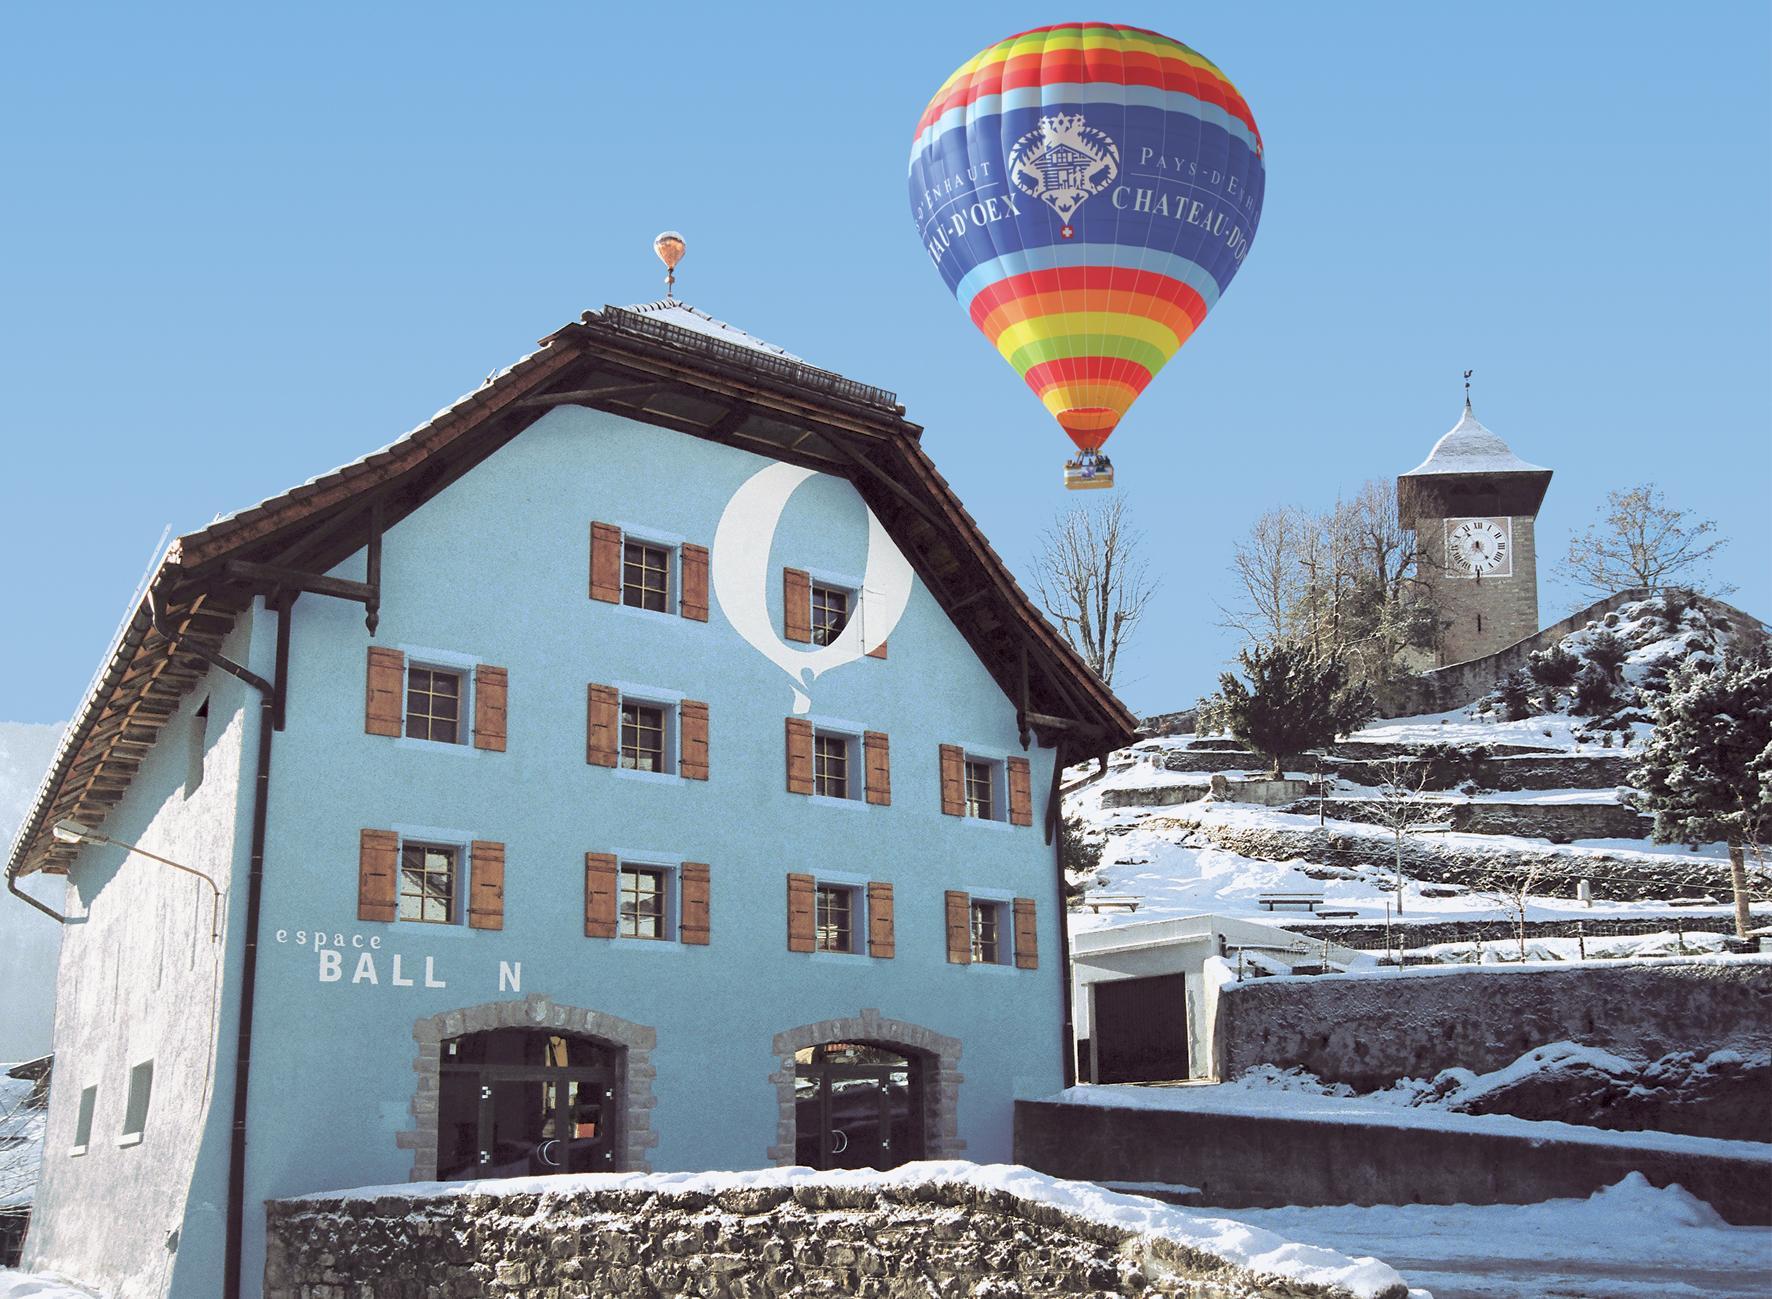 Espace_Ballon